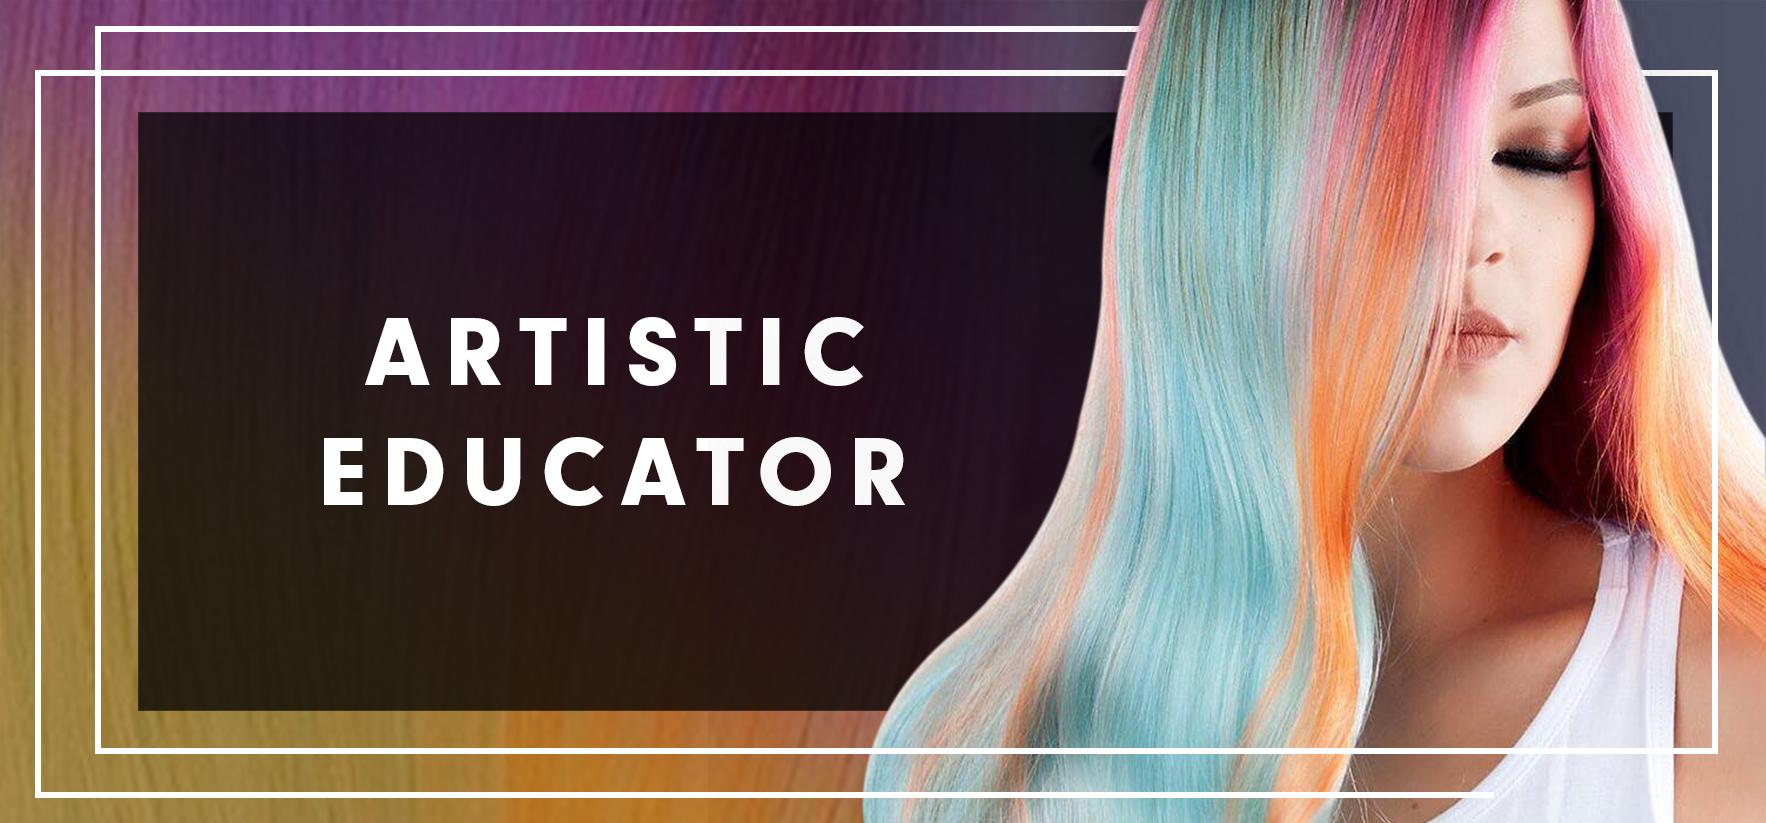 ArtisticEducator.jpg